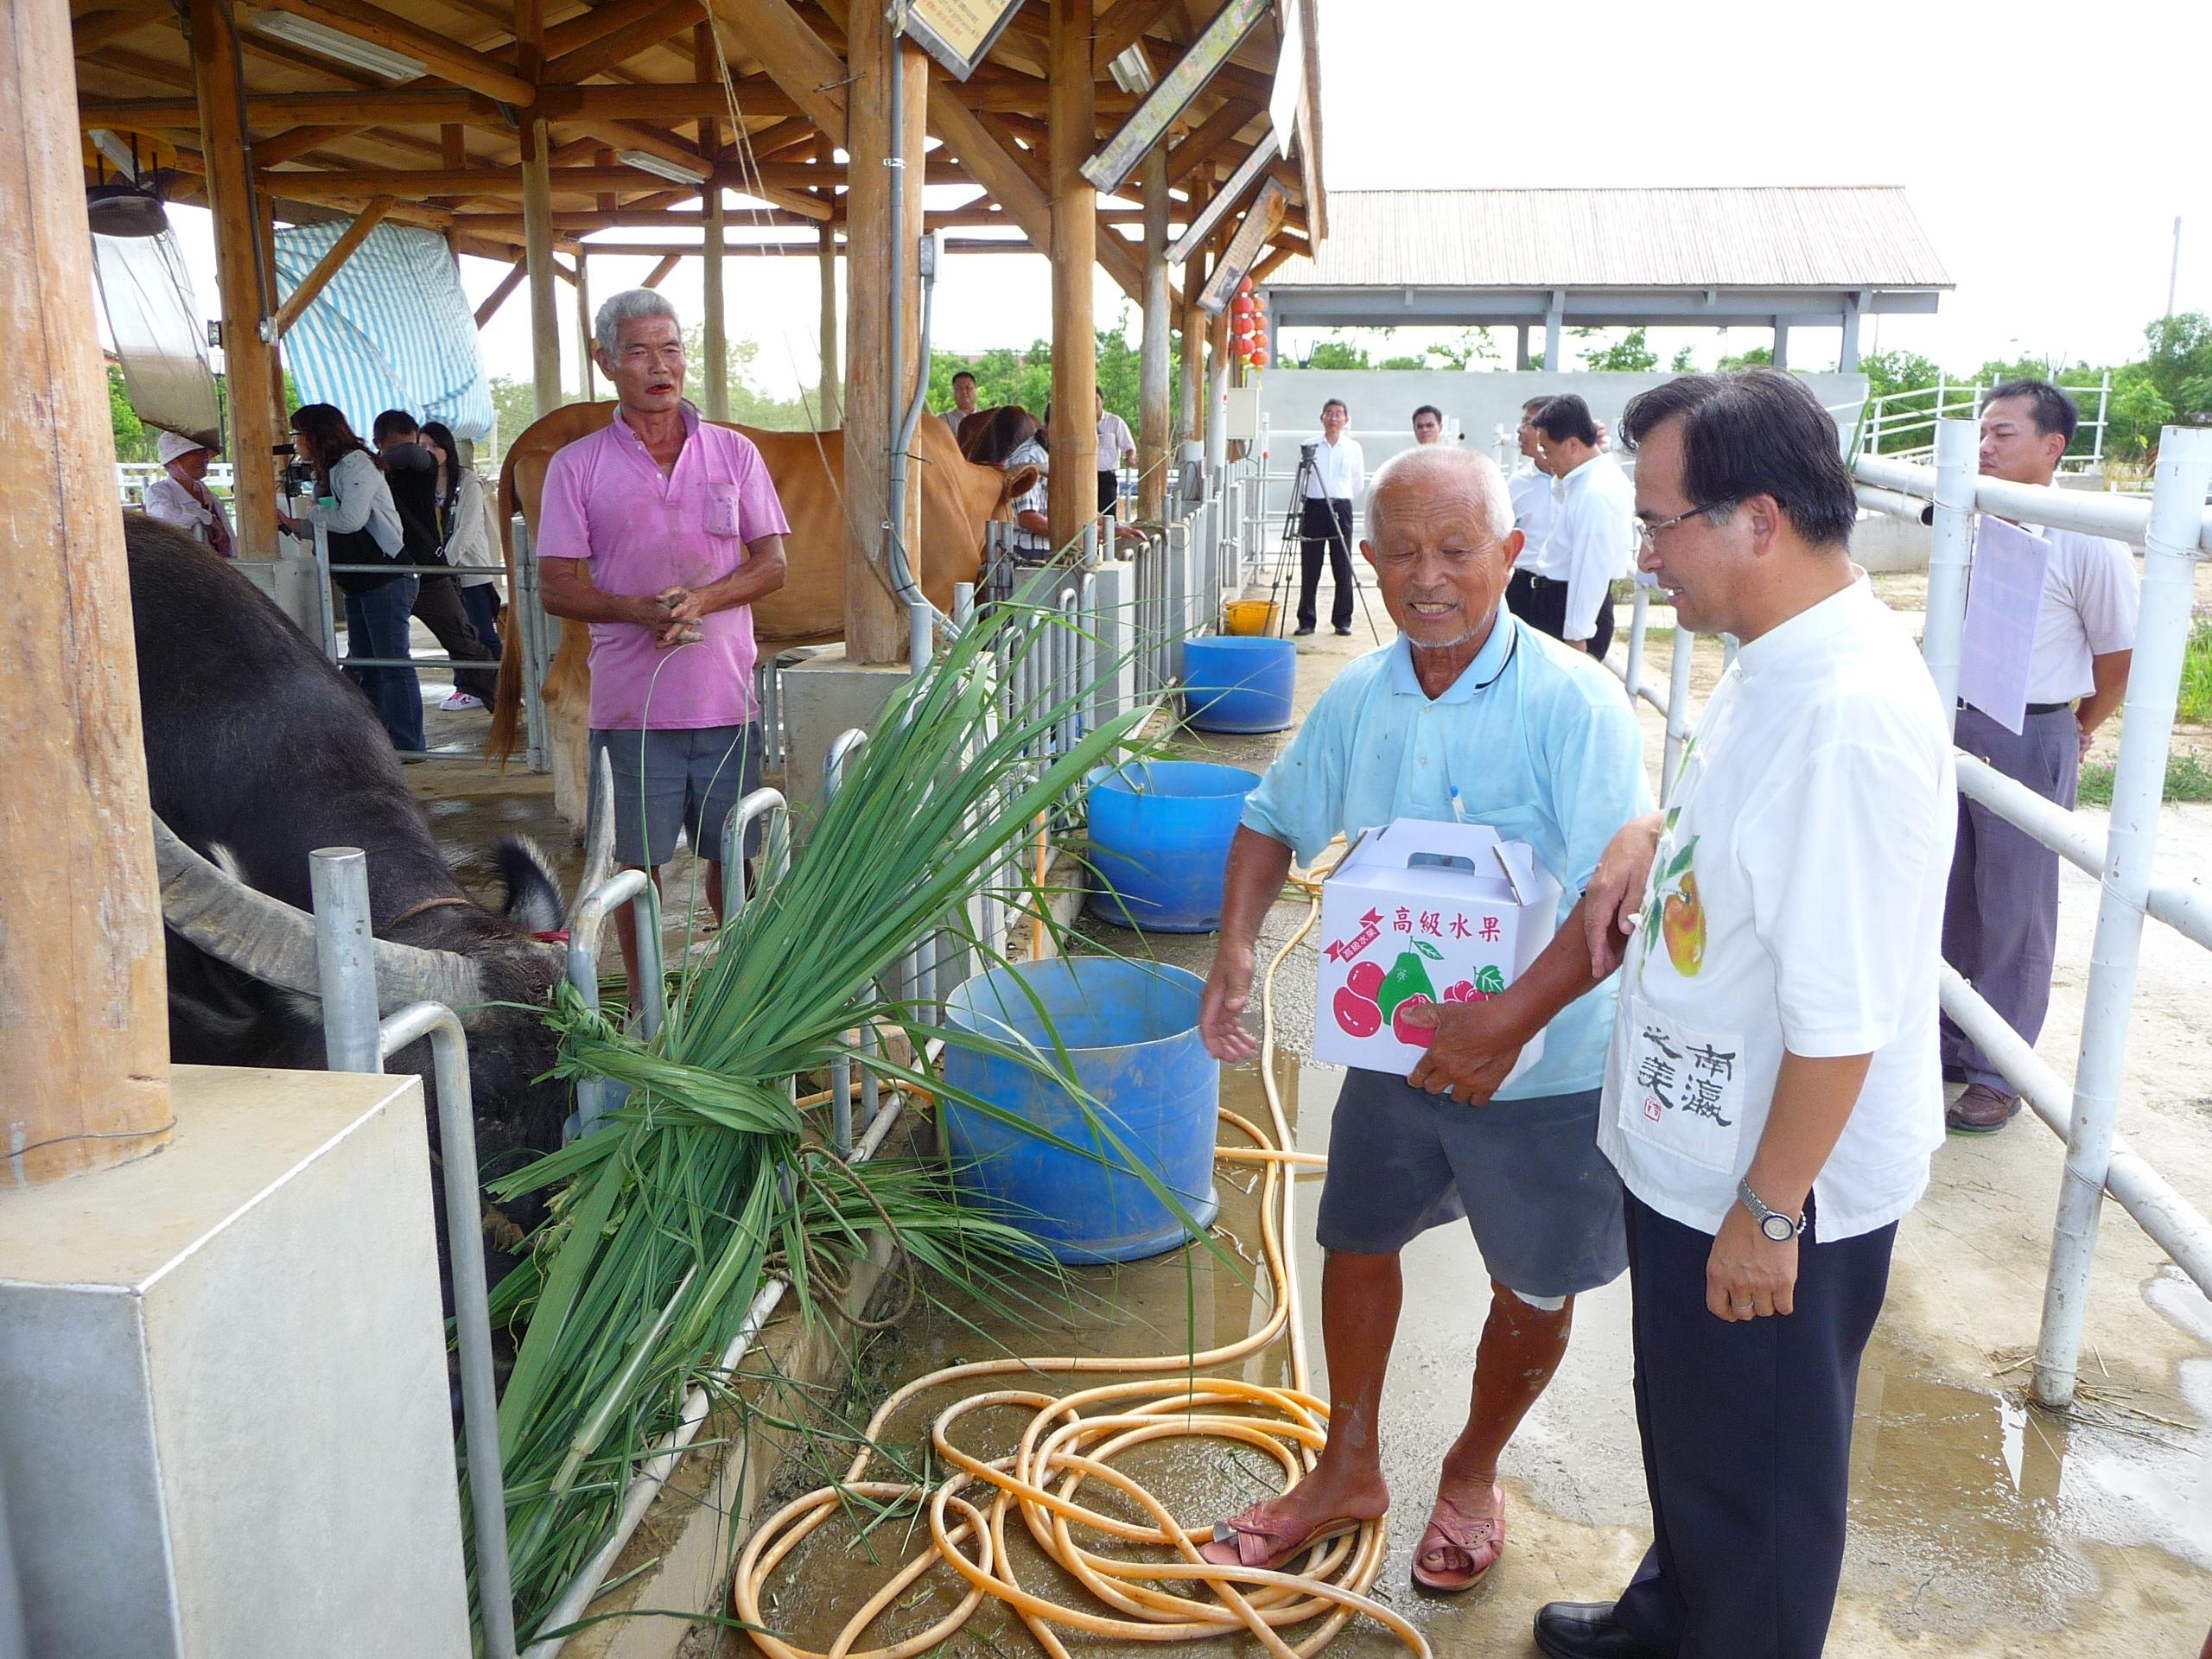 雲林斗六市梁平先生向蘇縣長致謝表示「牛牛」在此受到很好照顧